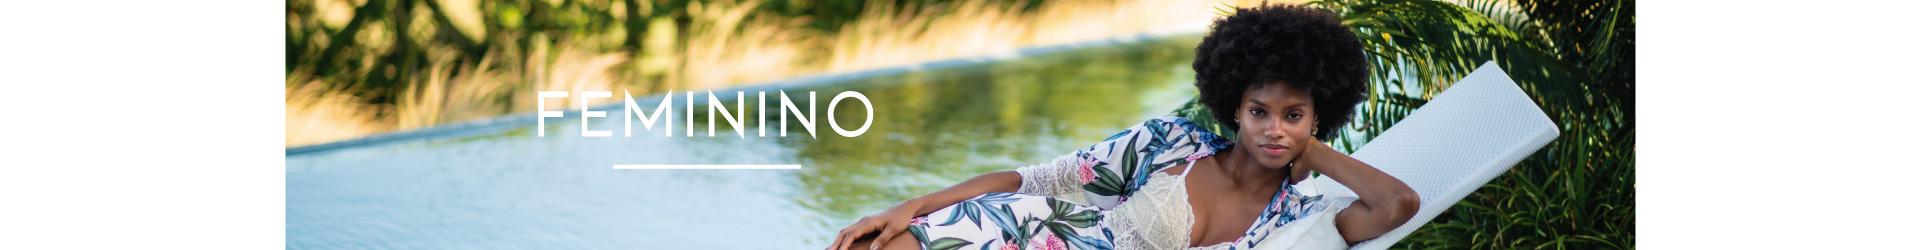 FEMININO - Principal THERMO